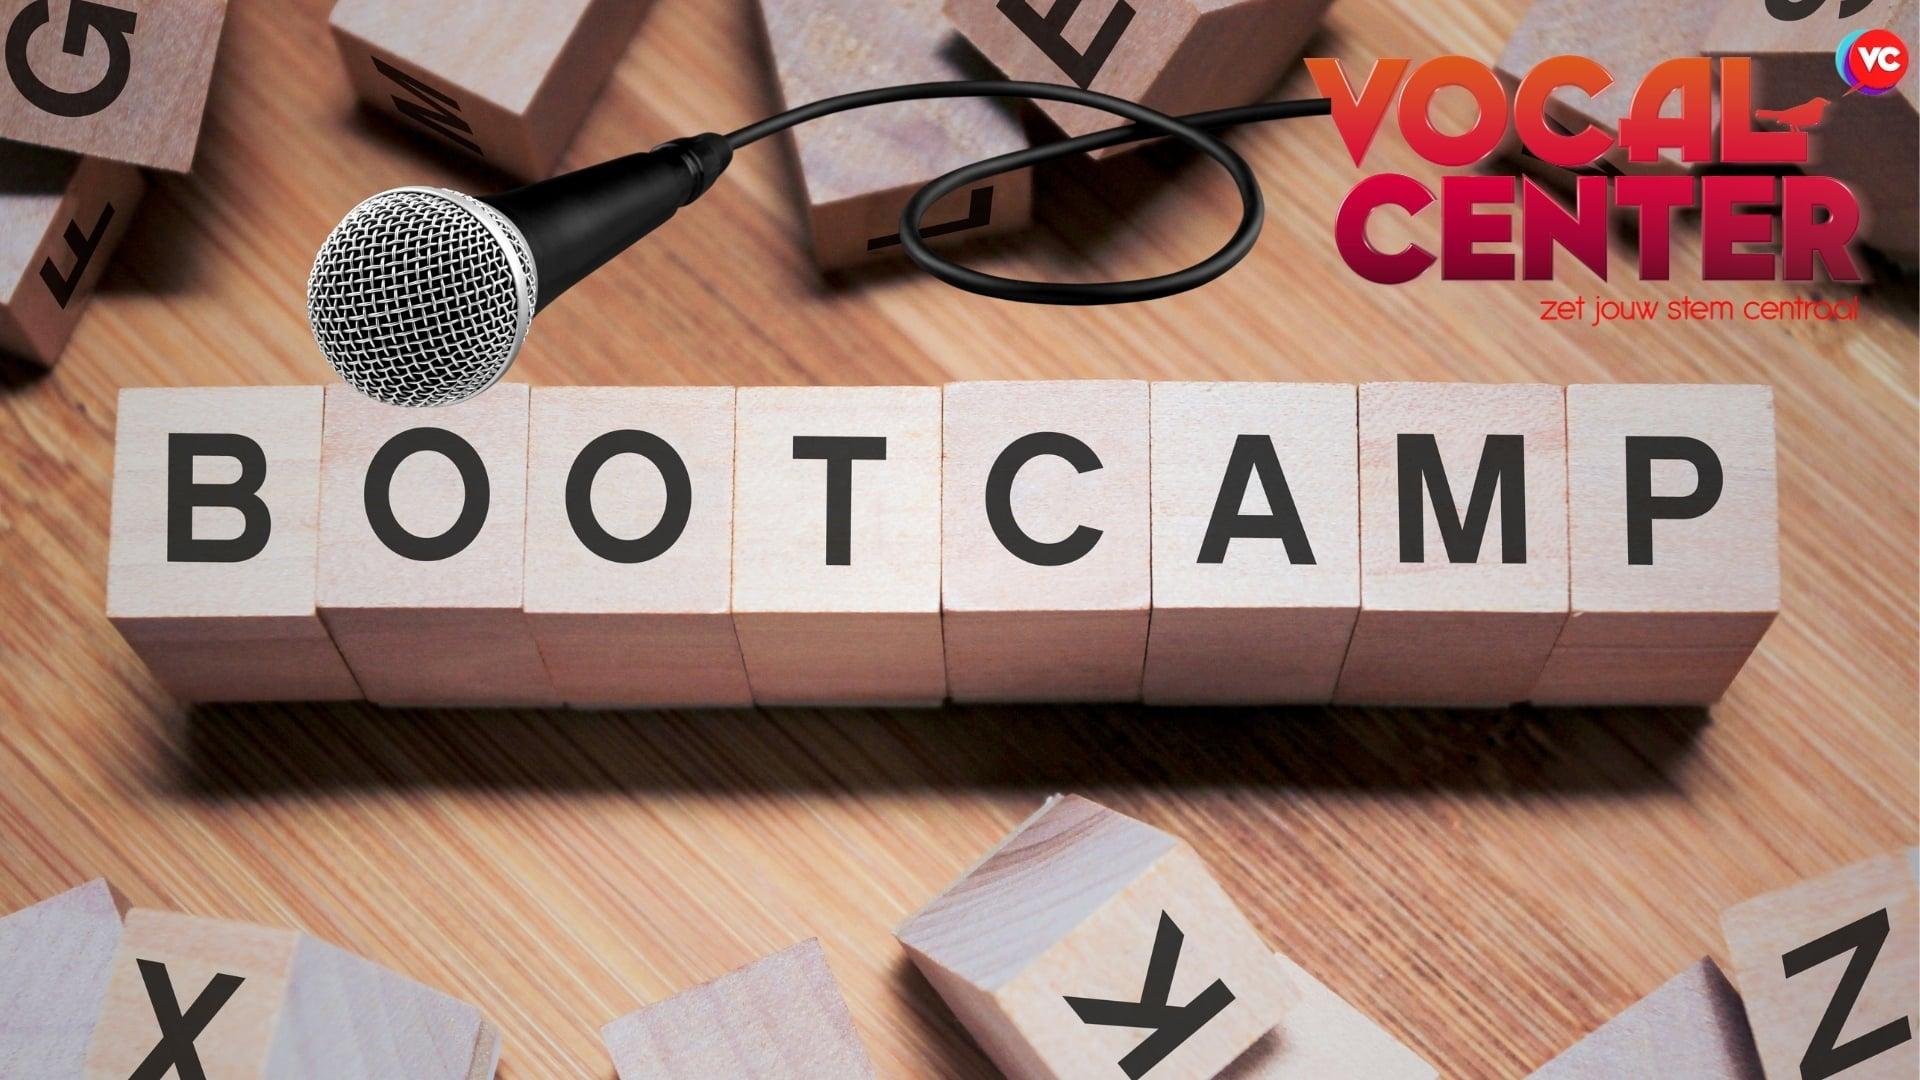 Zang Bootcamp